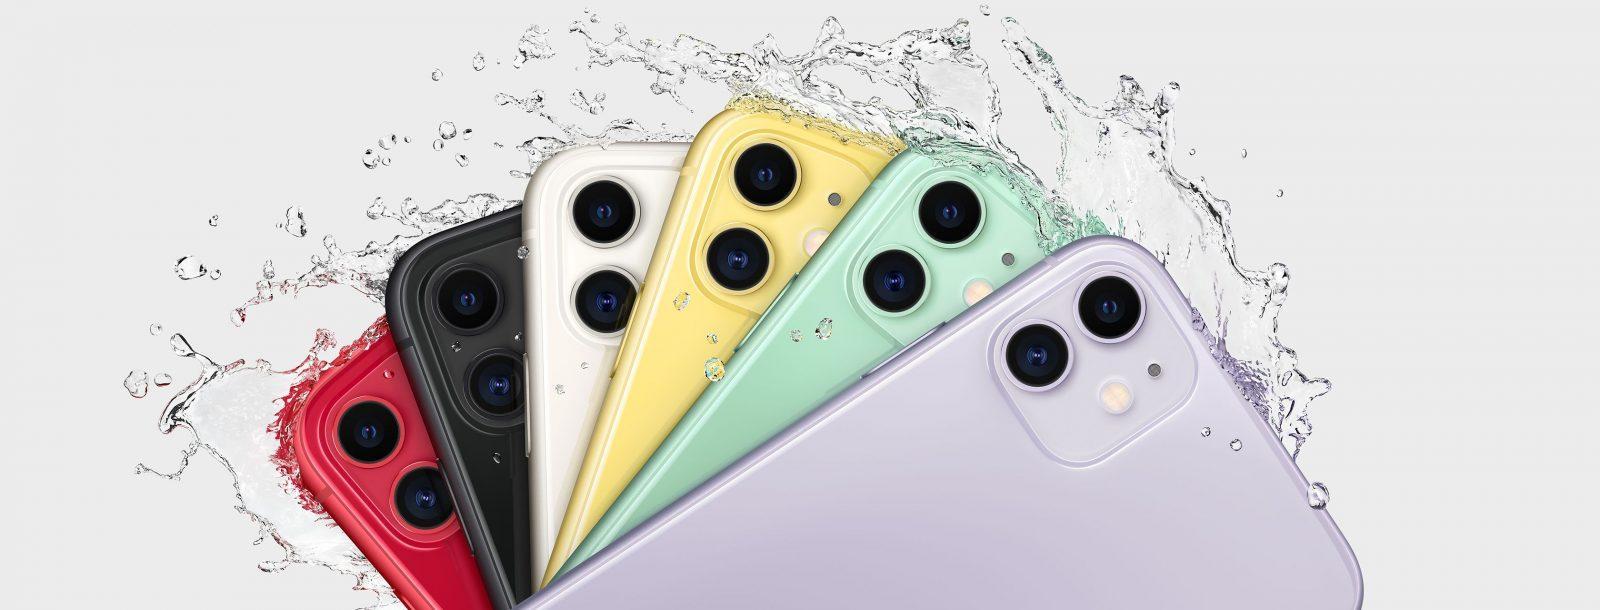 Все модели айфонов на сайте интернет-магазина Apple Center с быстрой доставкой.